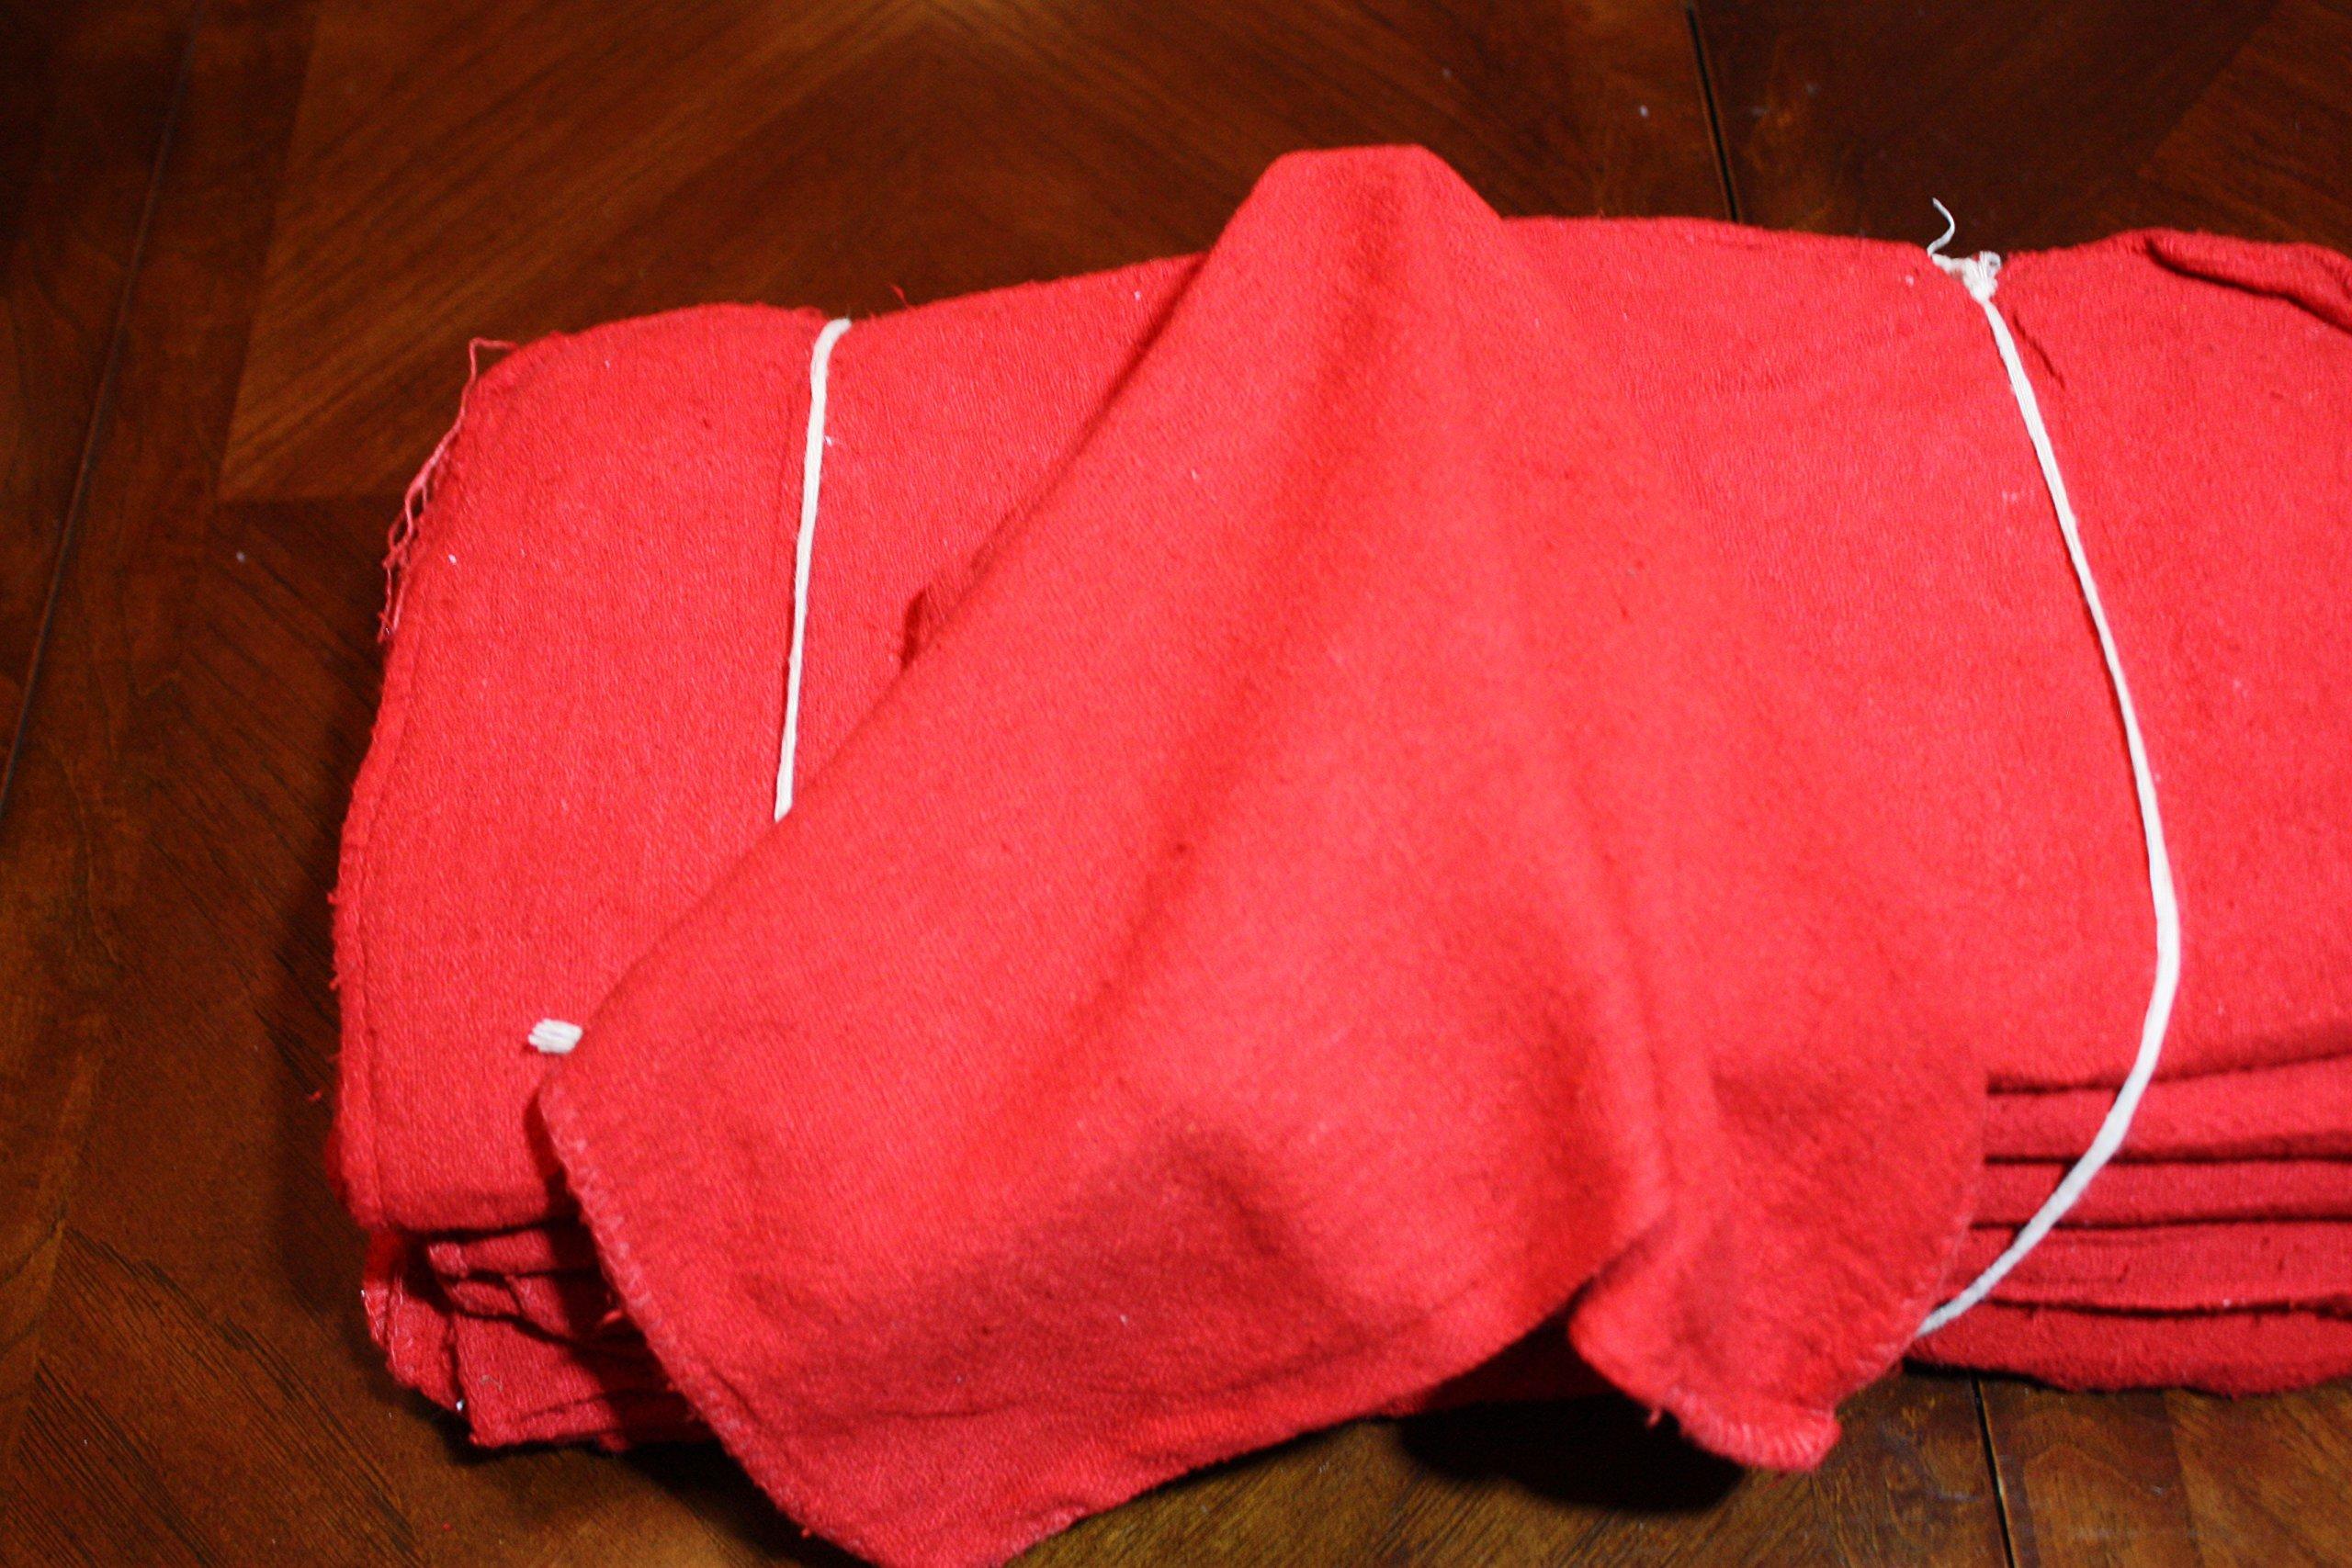 ATLAS 2500 Pieces Red Cotton Shop Towel Rags - Industrial Grade Automotive Car Industry